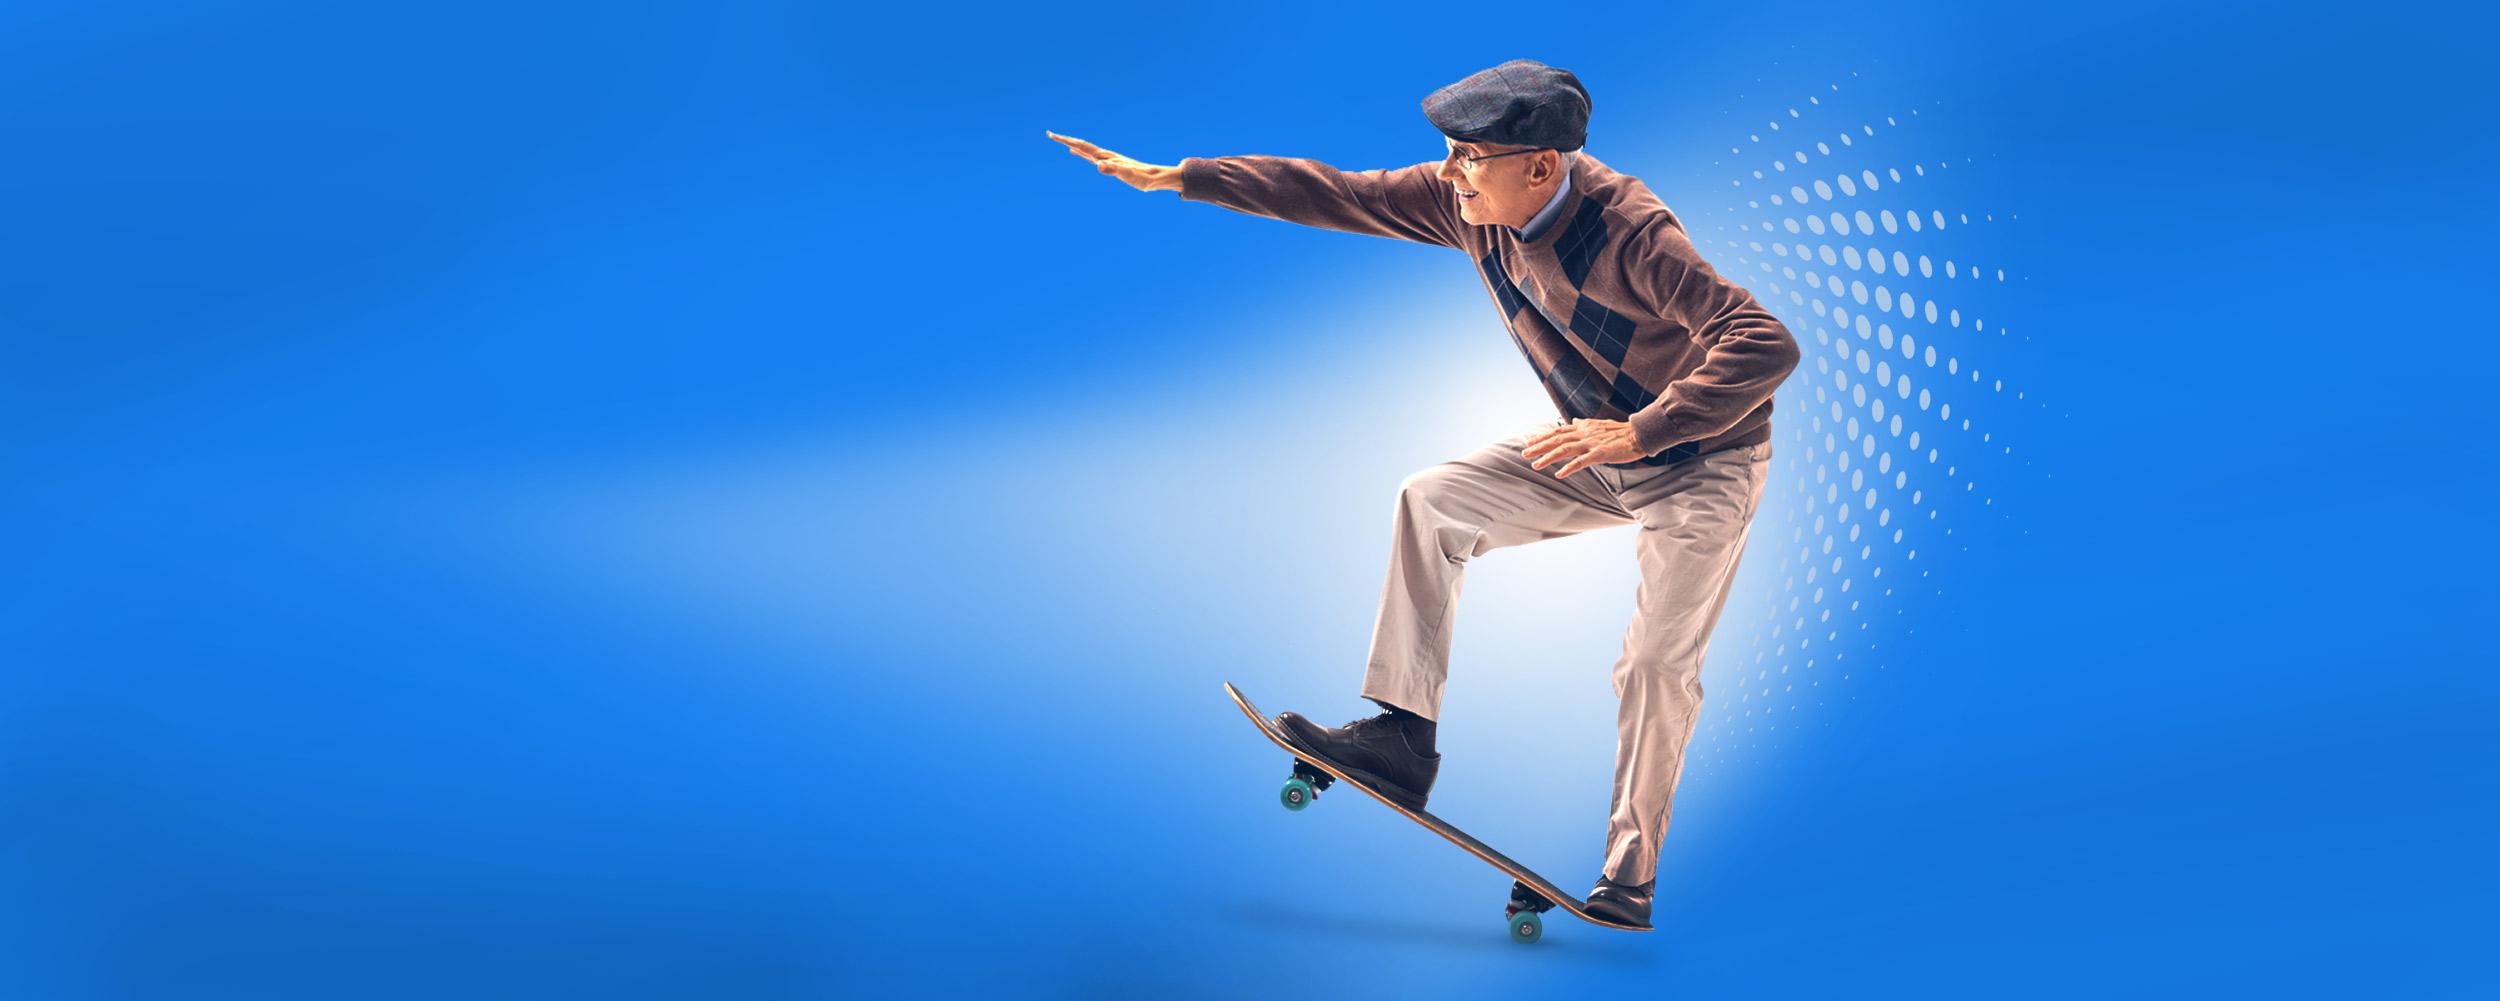 Geriatric Skateboarder